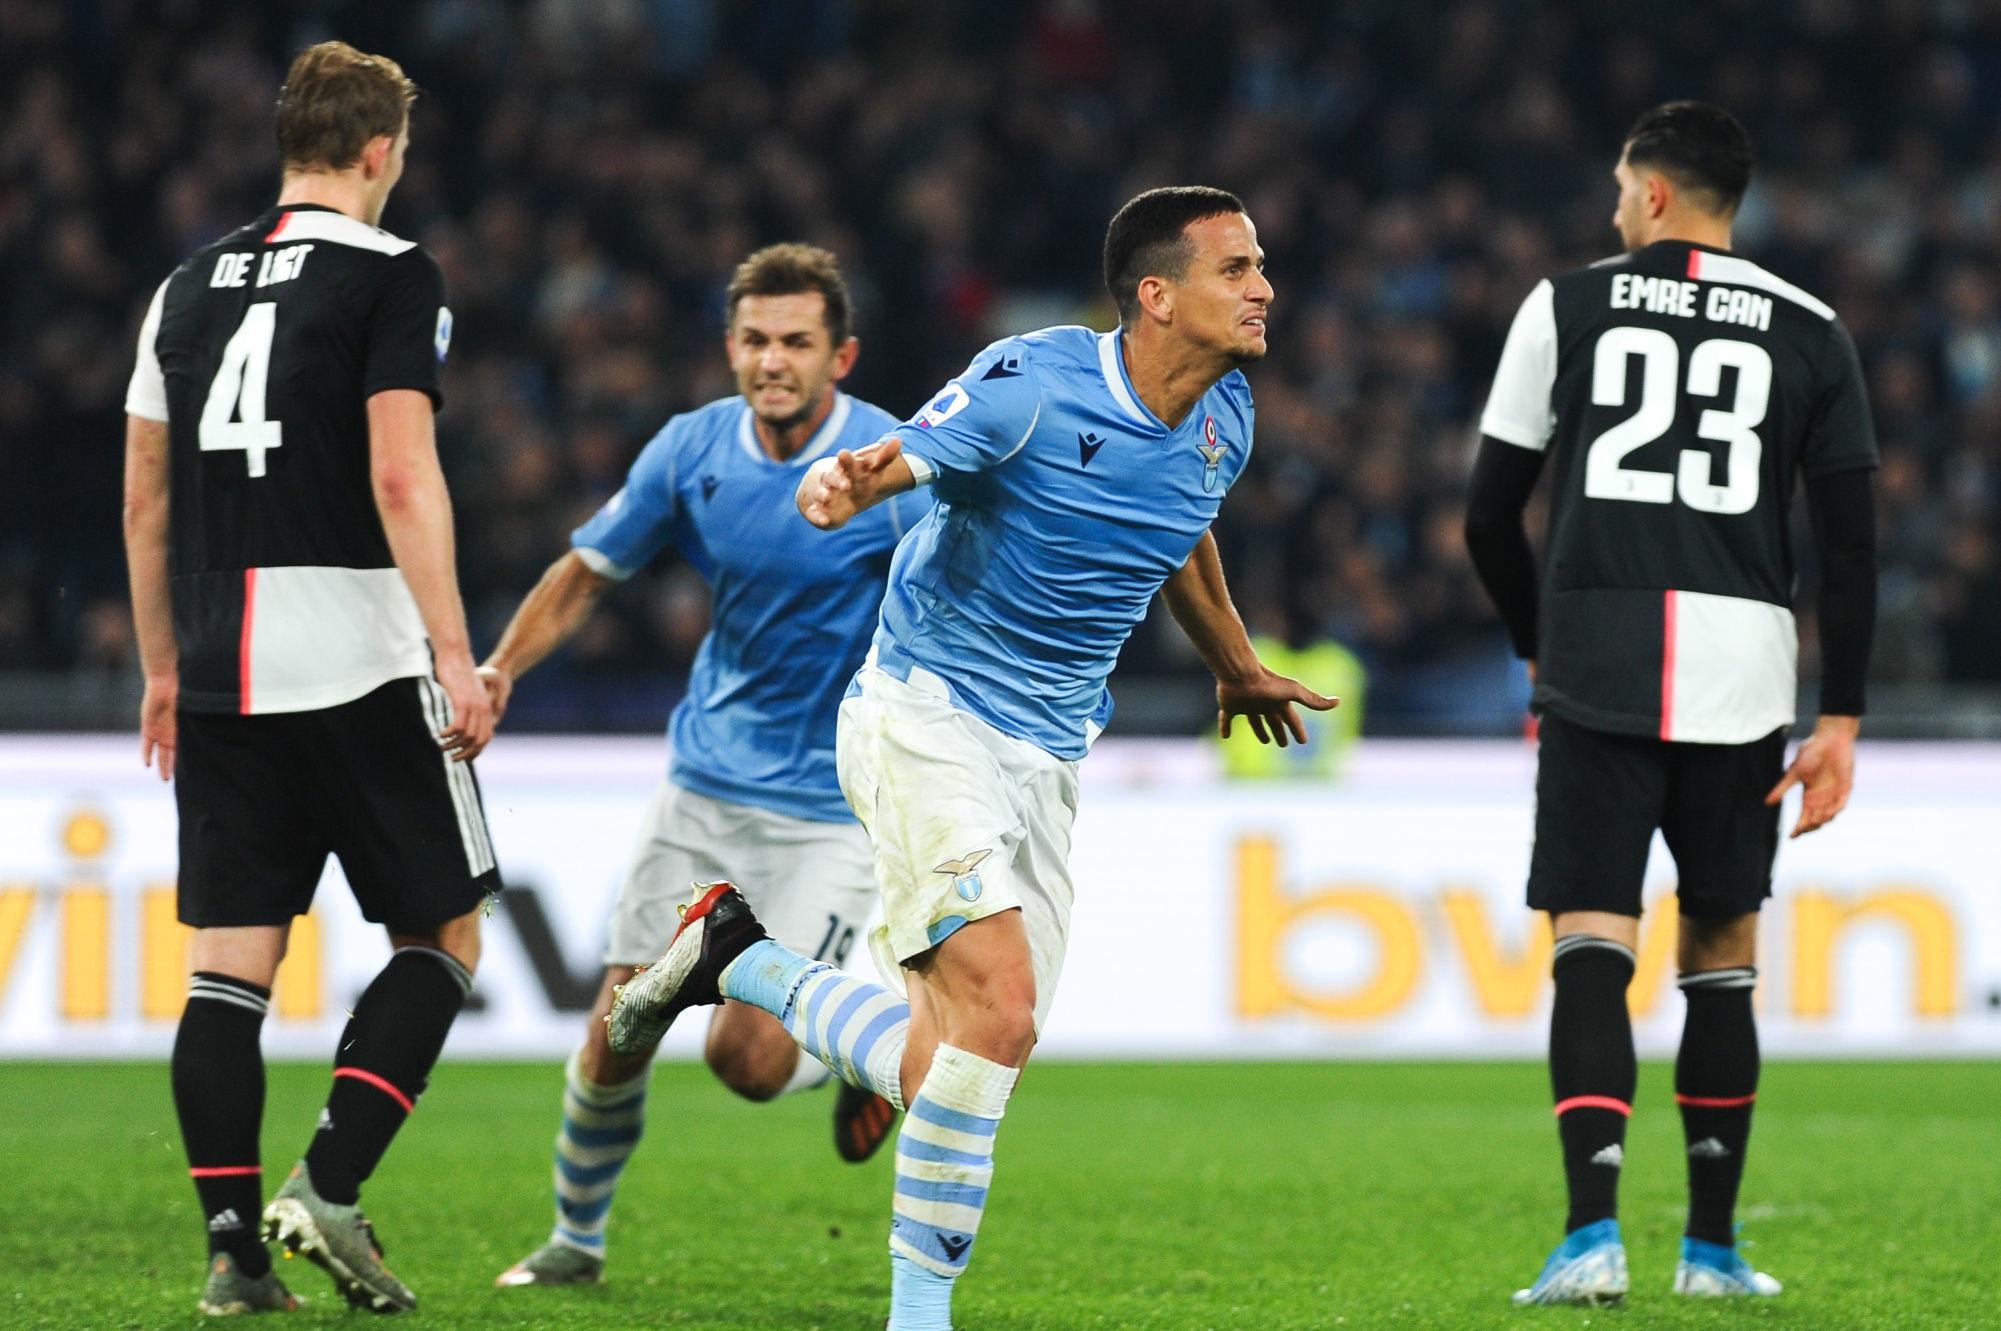 Mercato - Luiz Felipe est suivi par le PSG et le Barça, annonce Di Marzio